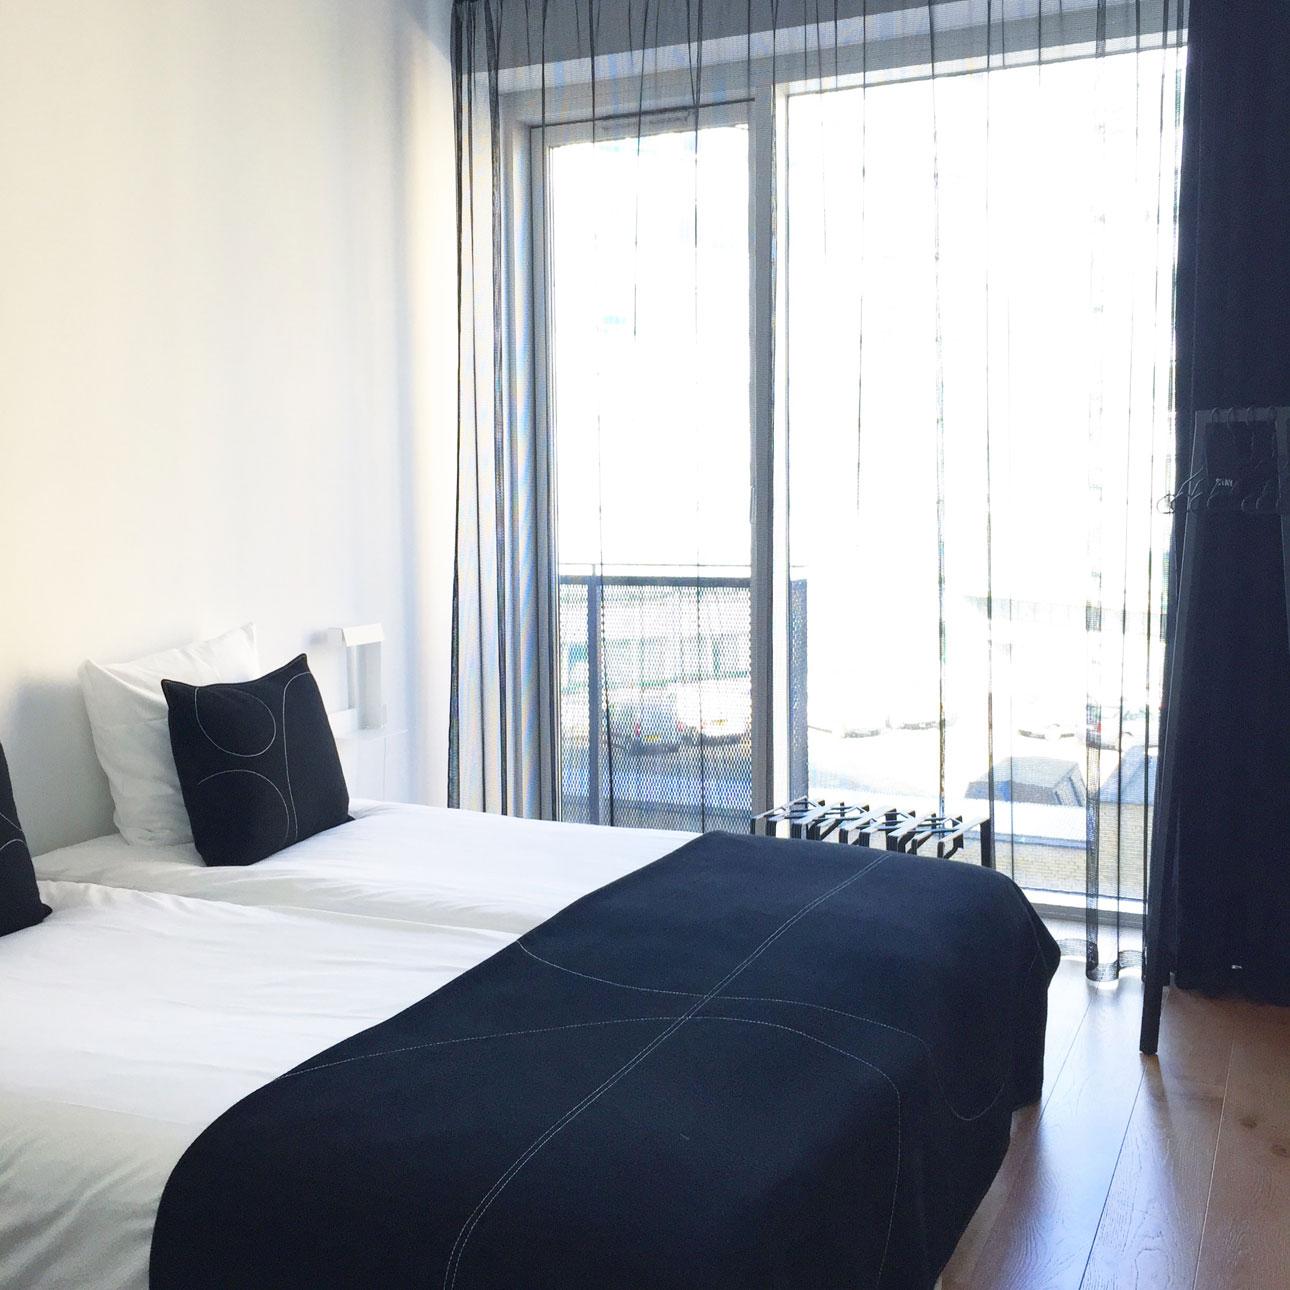 STAY hotel kopenhagen slaapkamer